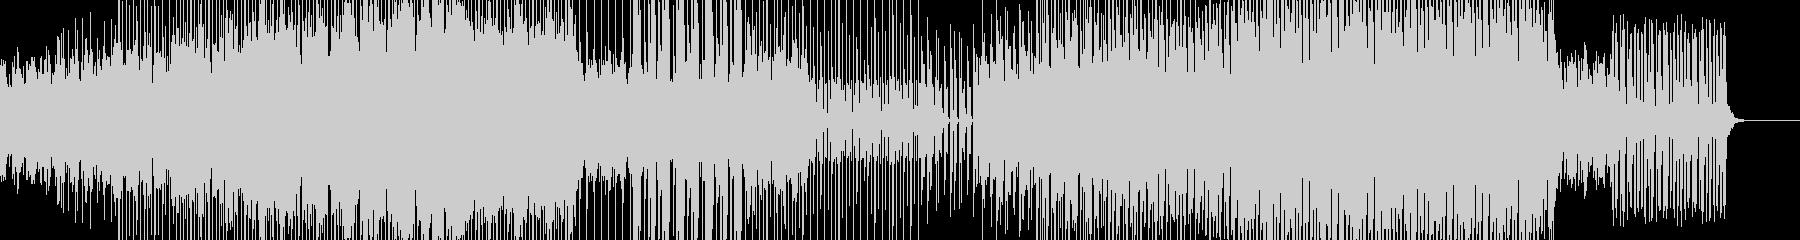 テクノ エレクトロ シューティングゲームの未再生の波形